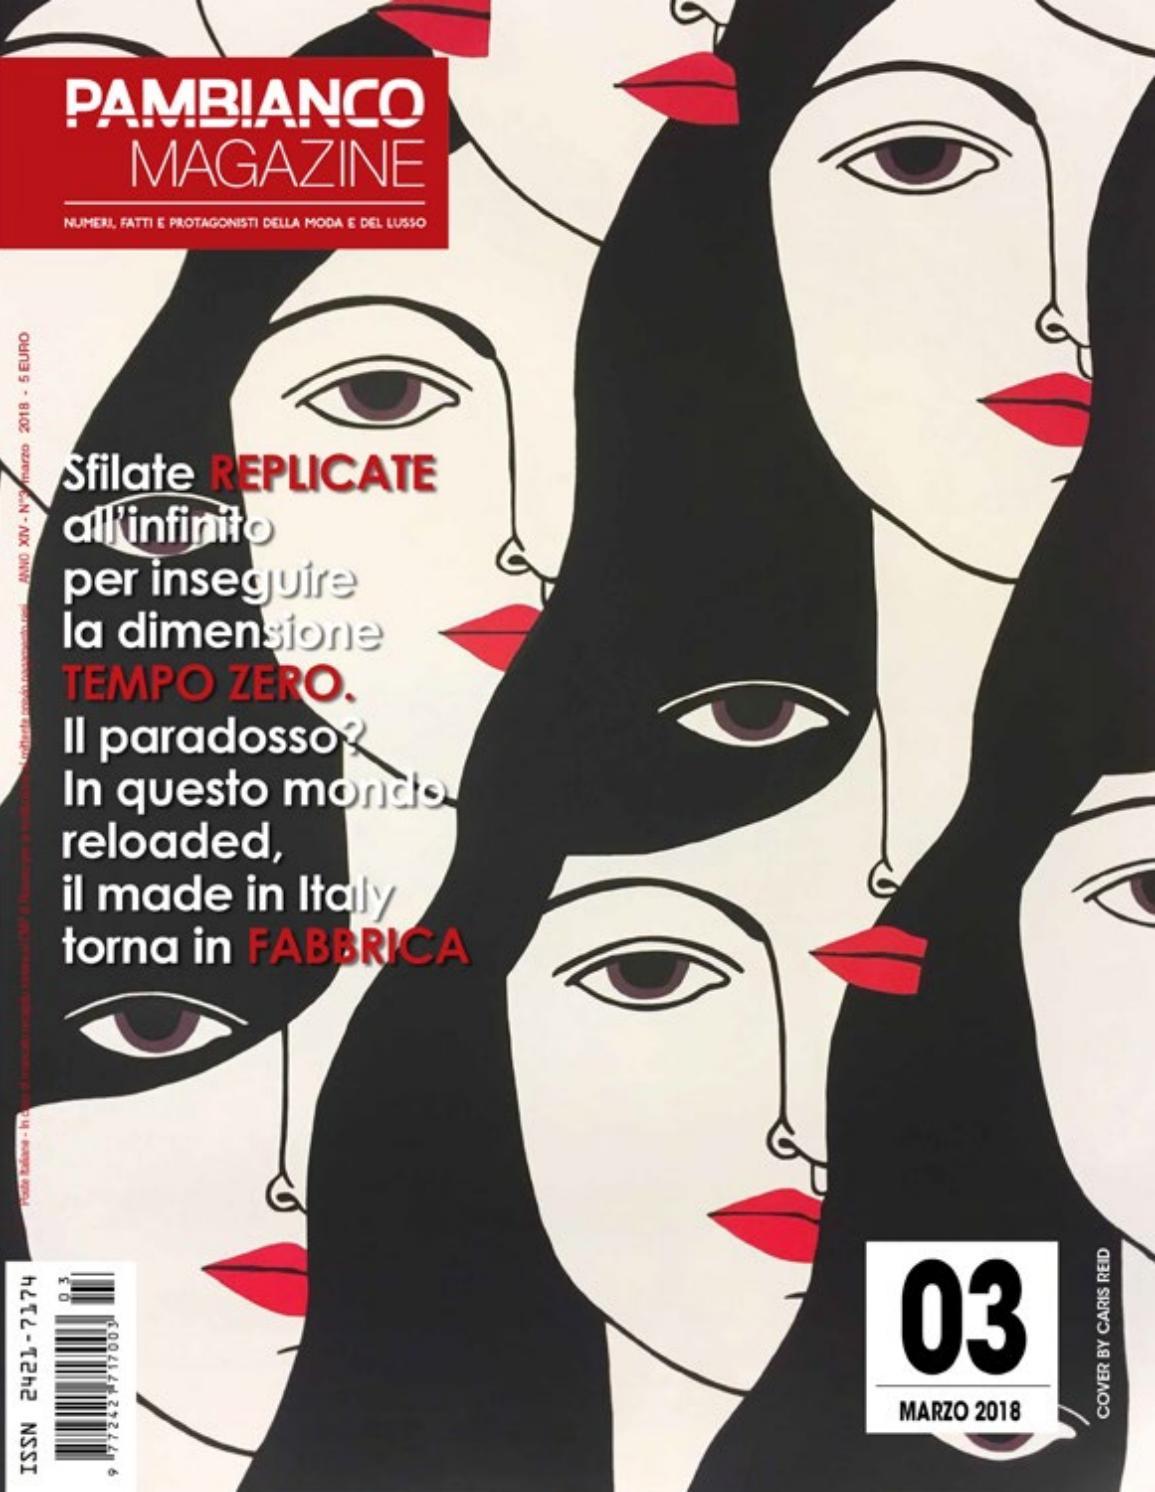 Pambiancomagazine 3 XIV by Pambianconews - issuu d572738d0fd